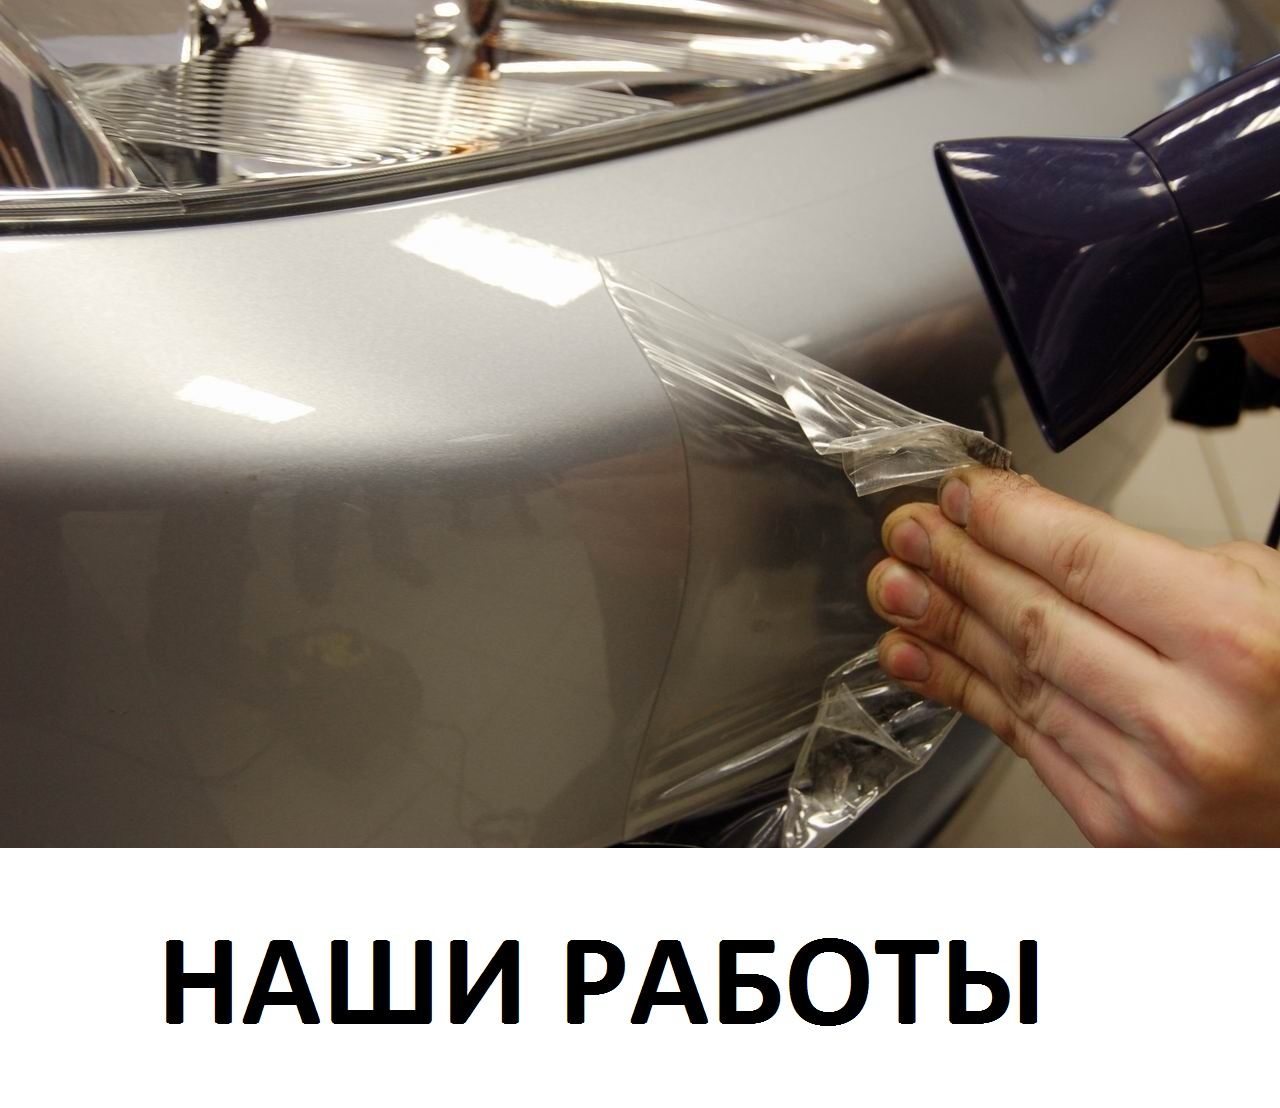 Наши работы. Защита кузова автомобиля пленкой